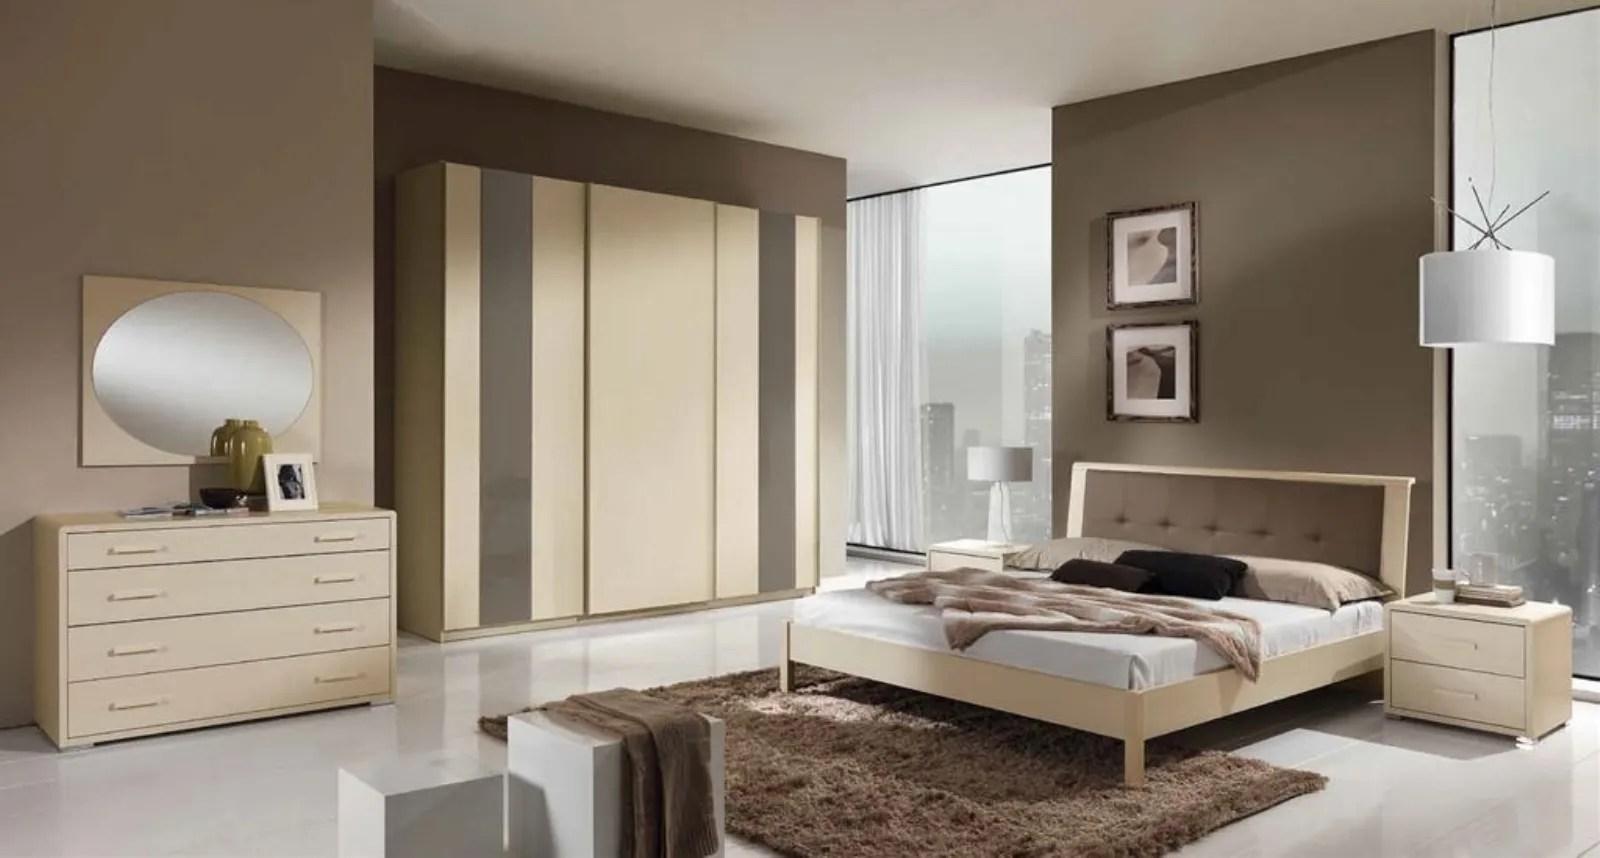 Rivestimenti color panna o avorio si abbinano con i colori scuri del legno. Scegliere Colore Pareti Camera Da Letto